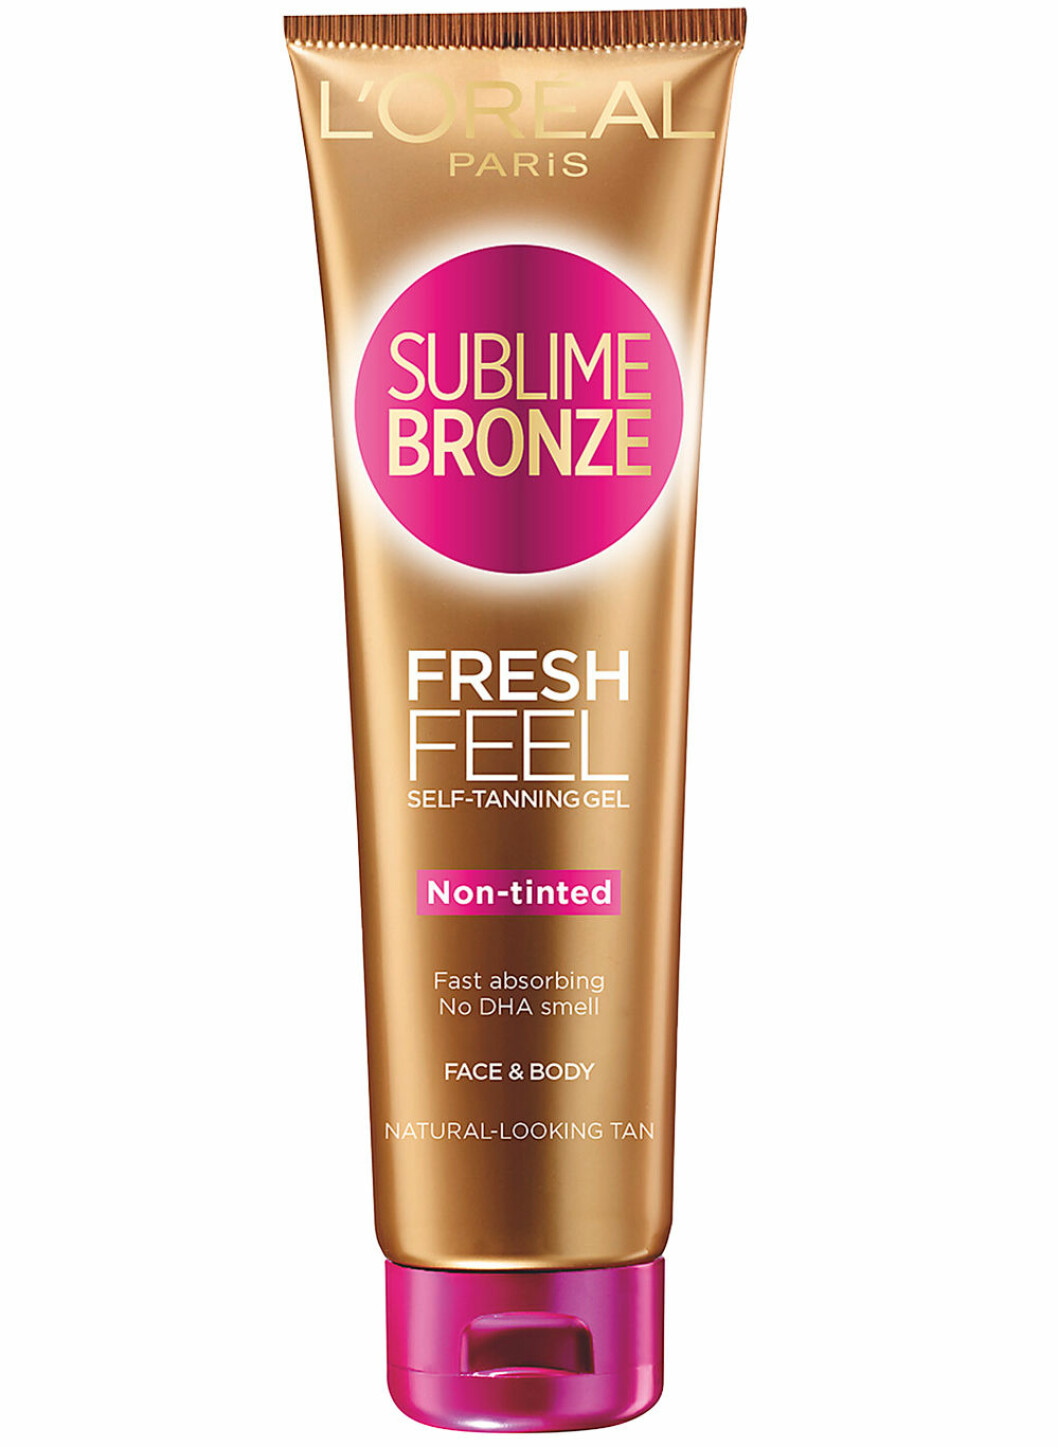 brun utan sol loreal sublime bronze fresh feel